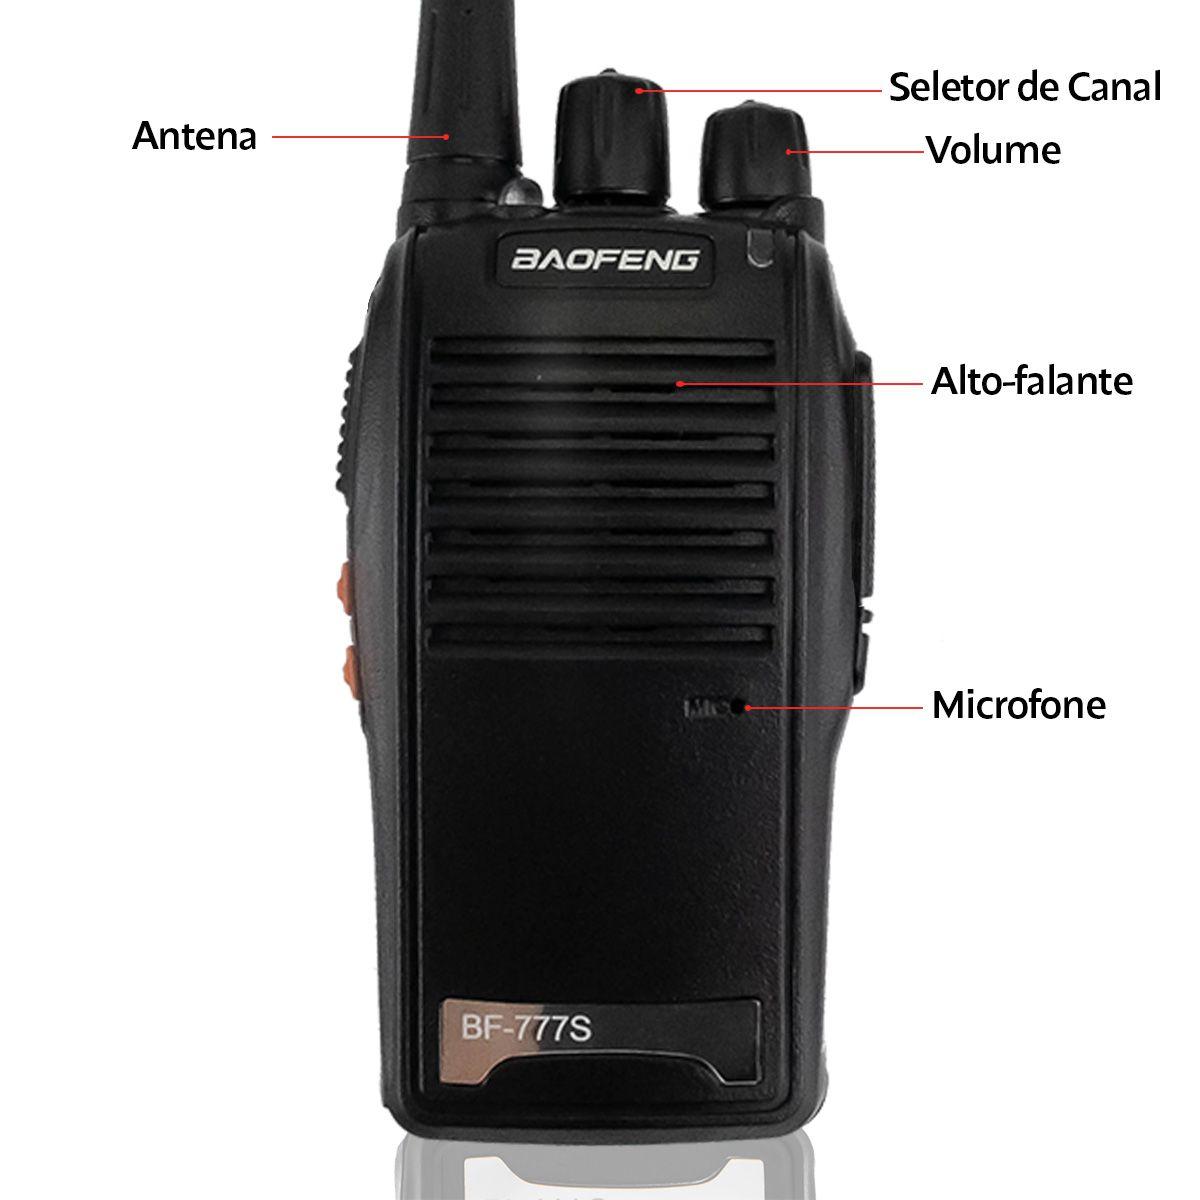 Rádio Comunicador Walk Talk Baofeng BF-777S (par) com Fone de Ouvido